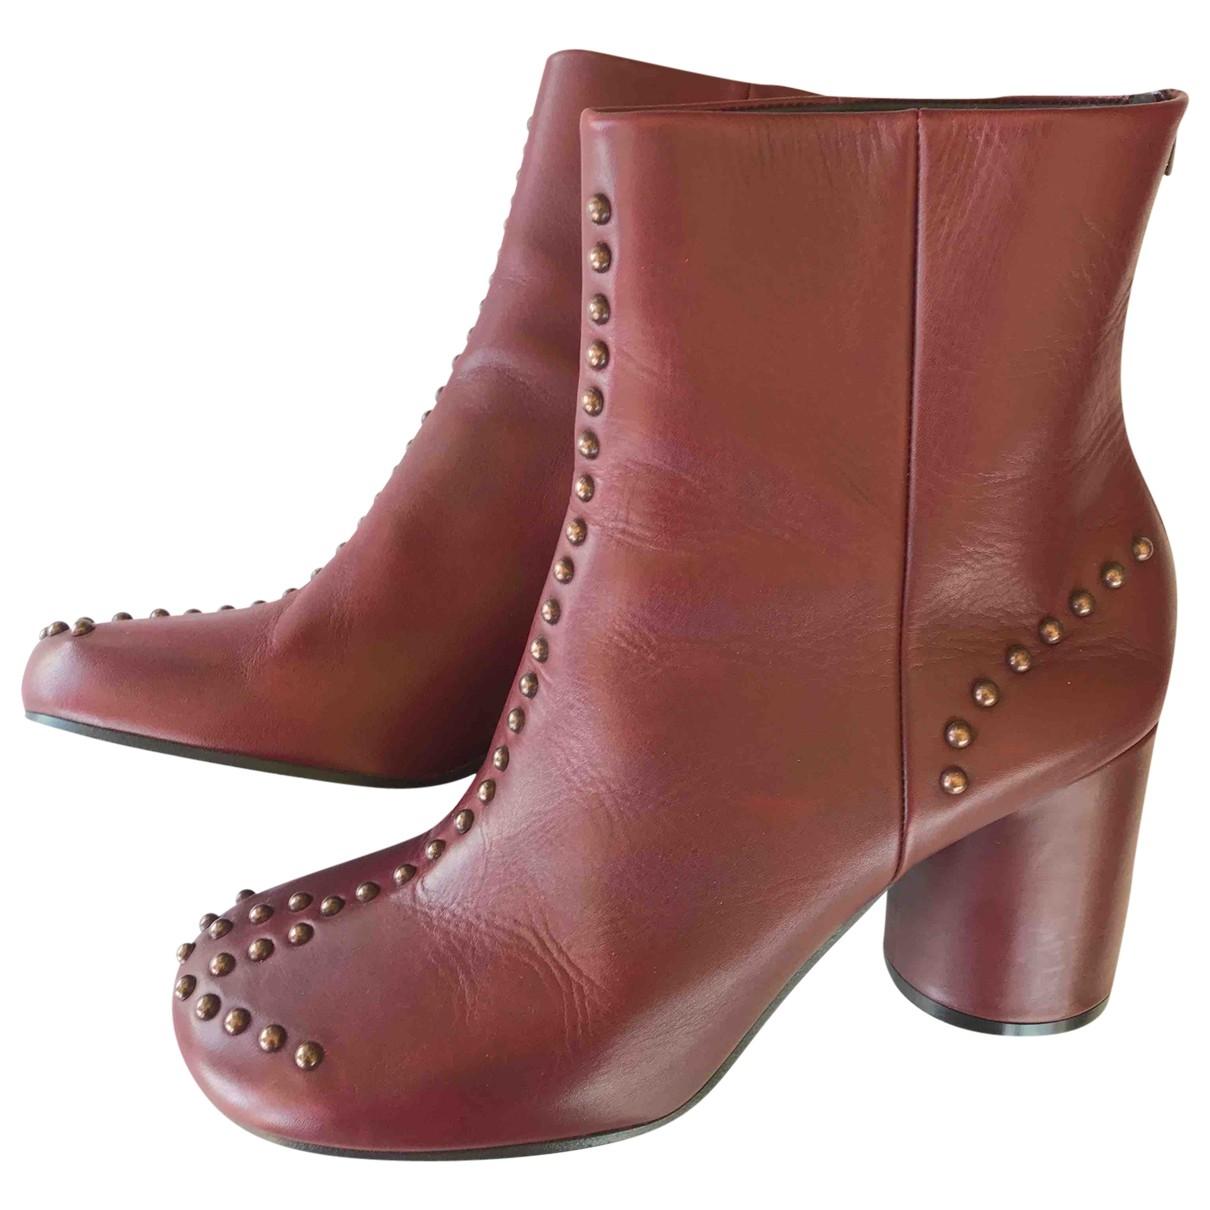 Maison Martin Margiela - Boots   pour femme en cuir - bordeaux